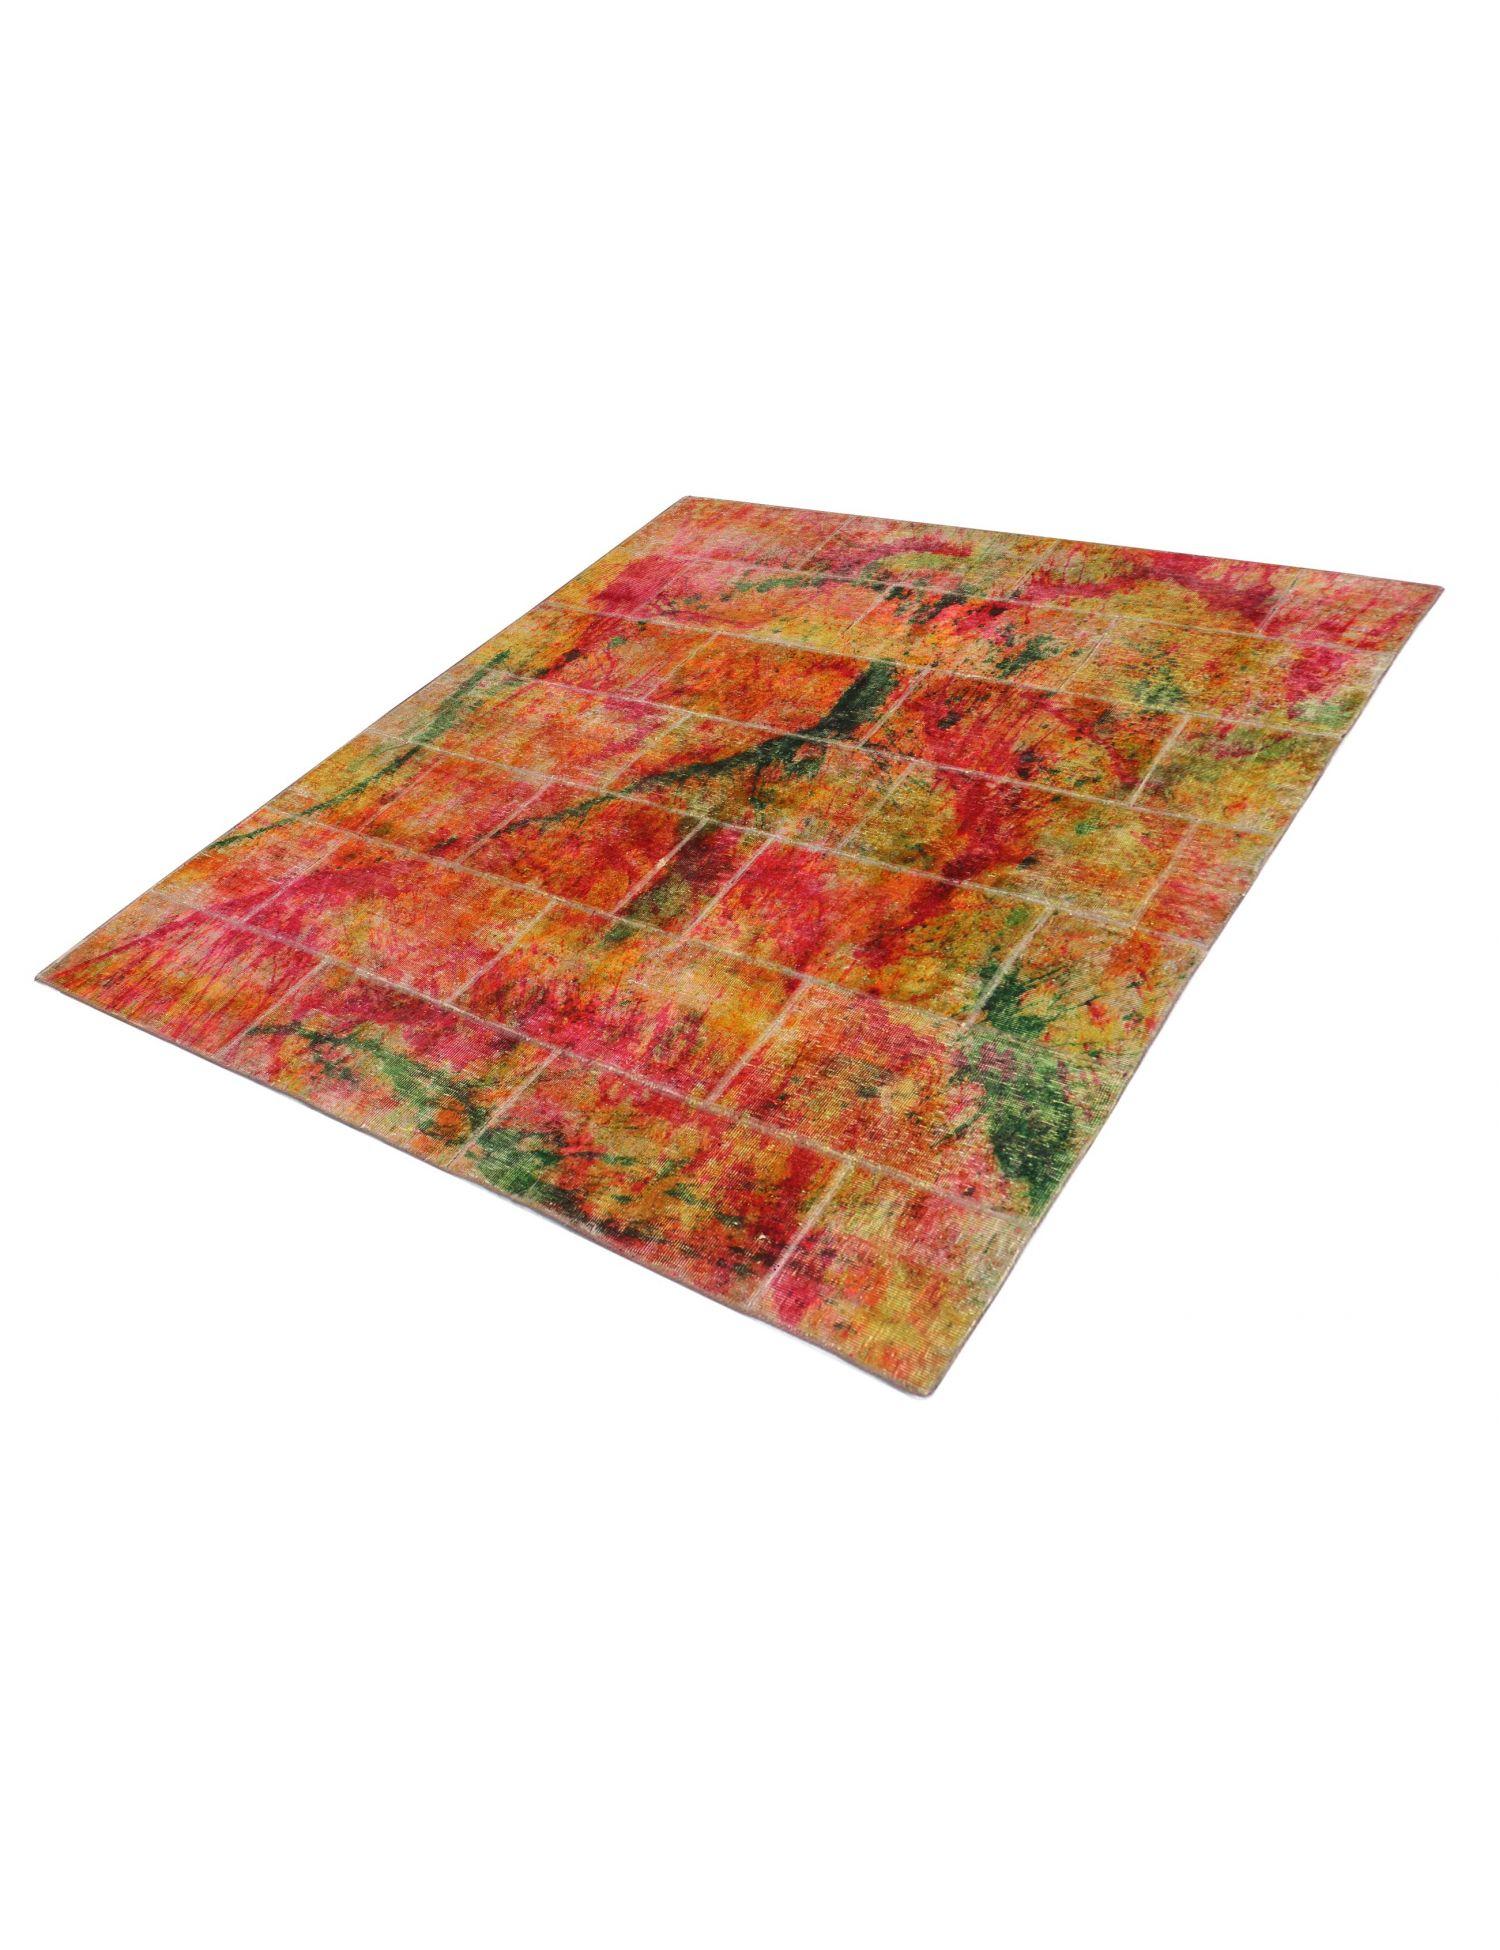 Alfombras Persas Patchwork  multicolor <br/>210 x 210 cm